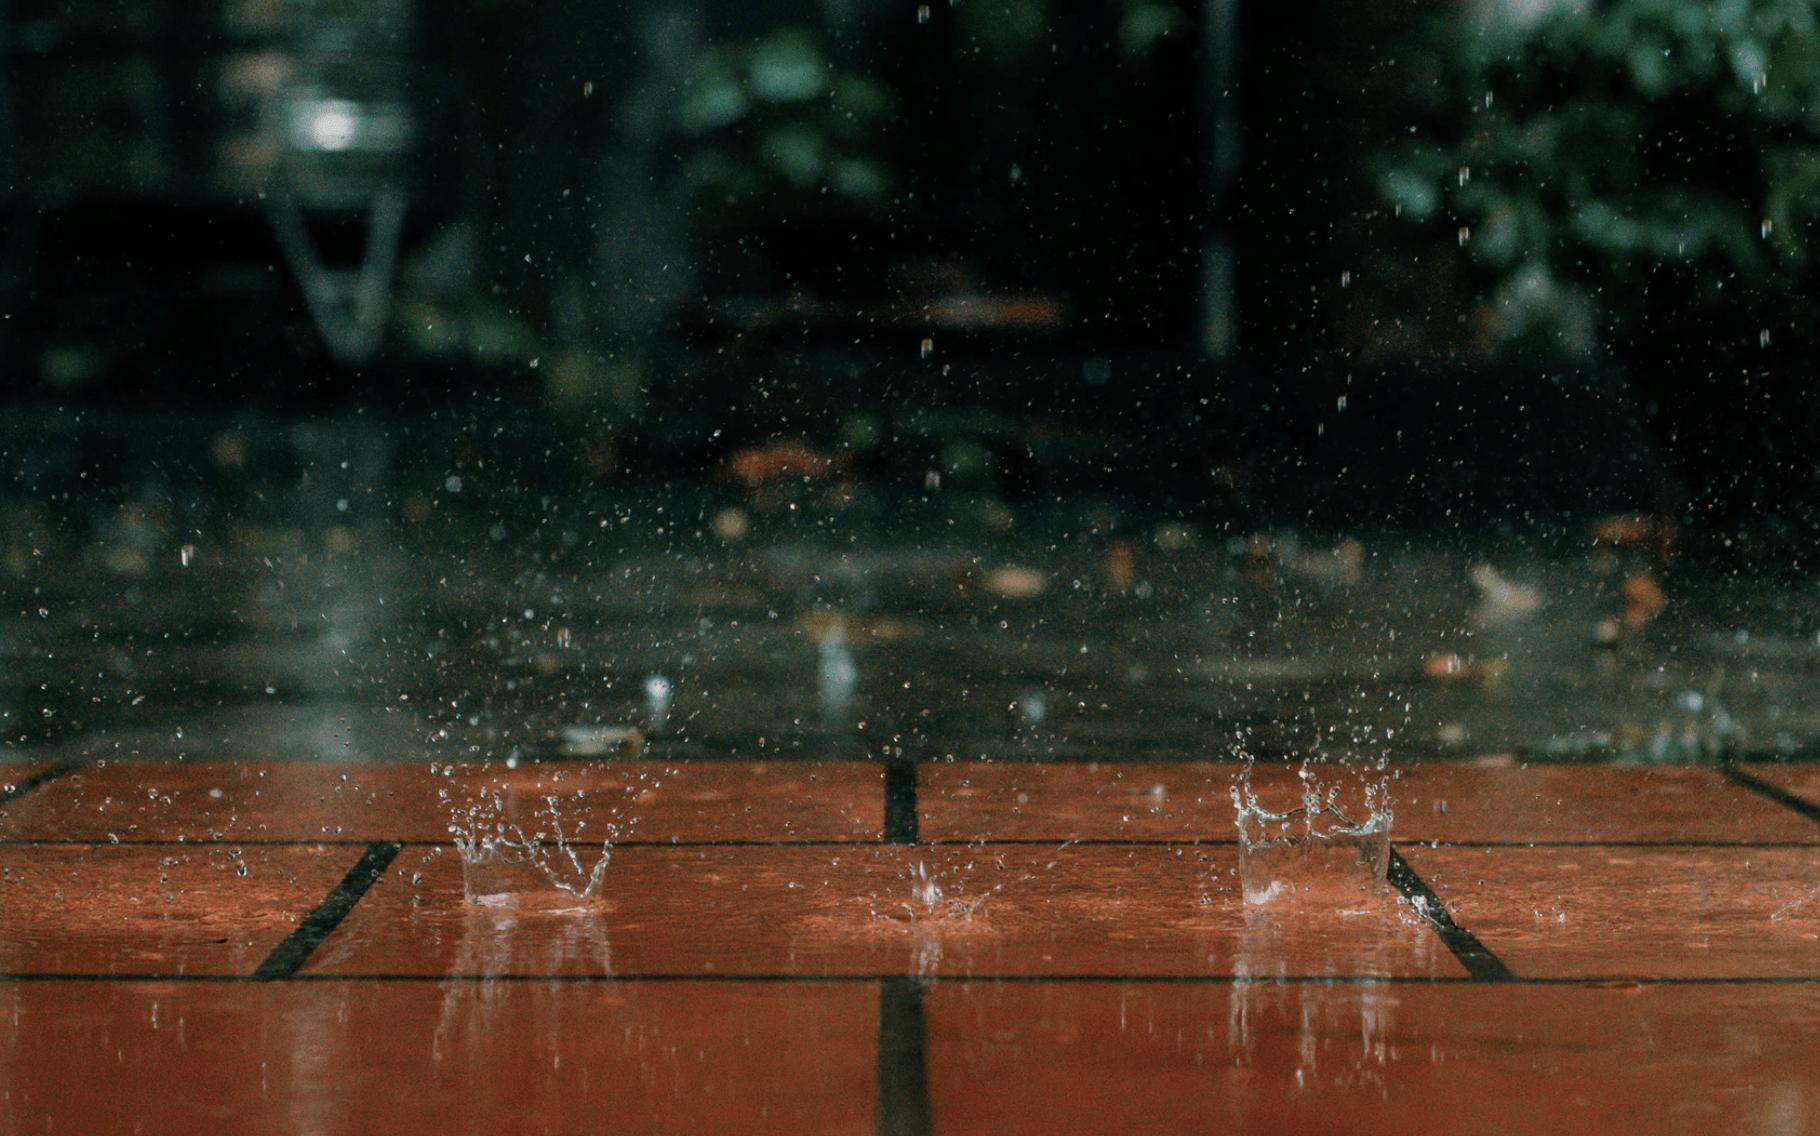 groundwater splashing